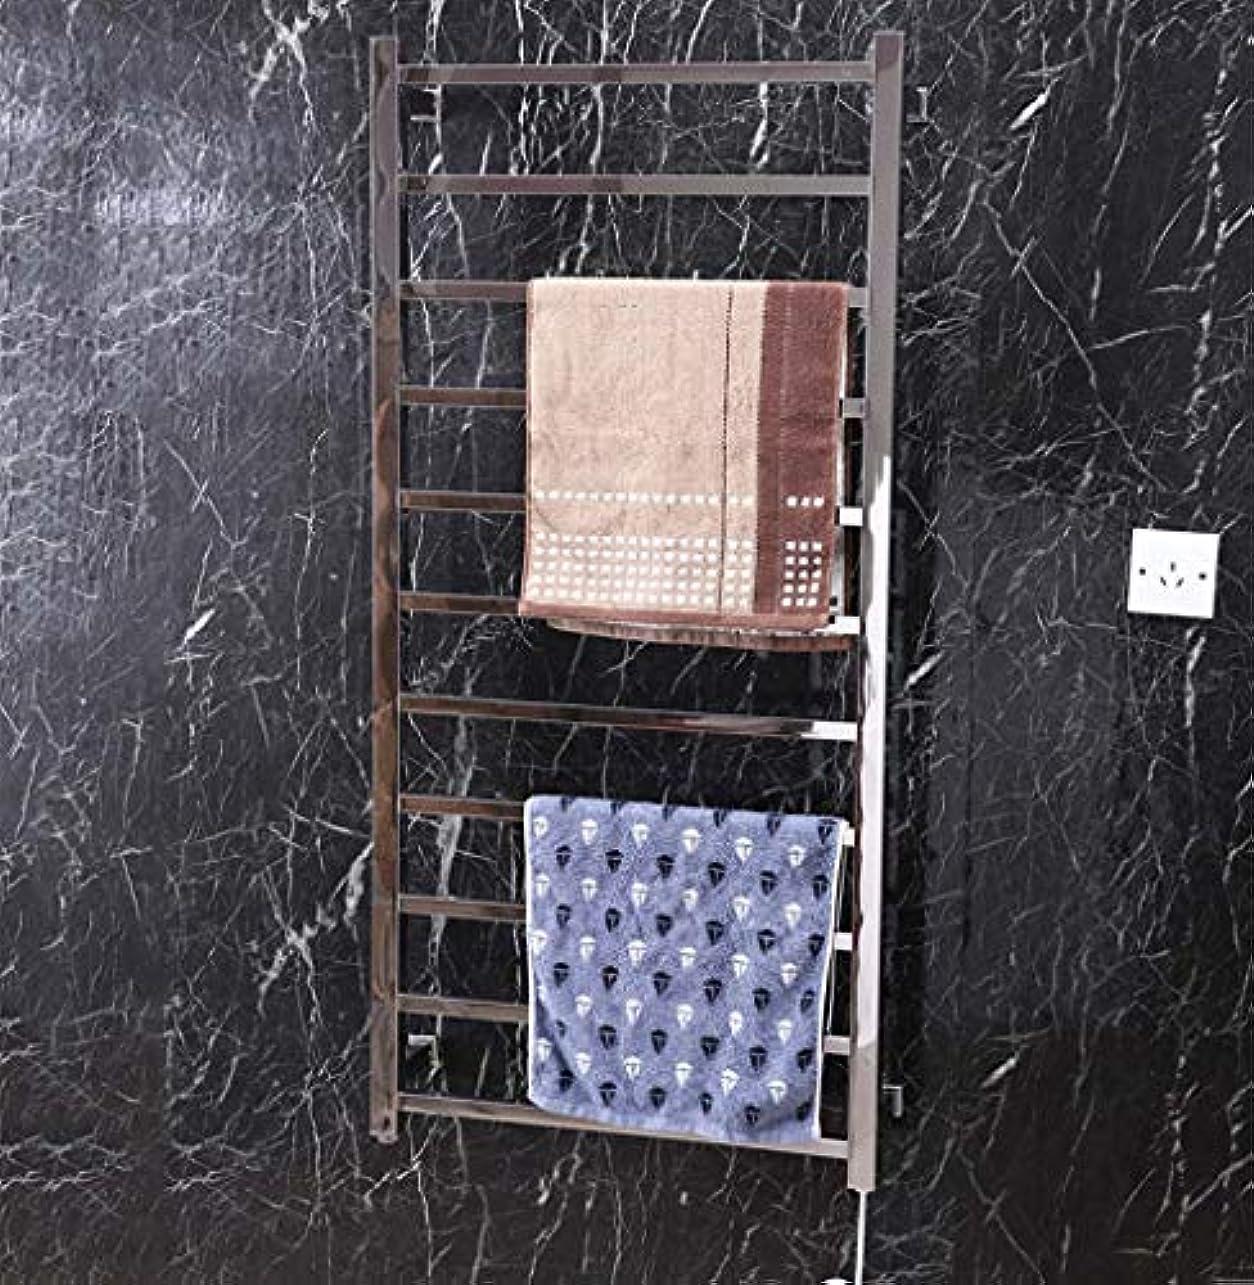 陽気な削減回復する壁掛け式電気タオルウォーマー、304ステンレススチール製インテリジェント電気タオルラジエーター、サーモスタット滅菌、浴室棚1200X560X125mm